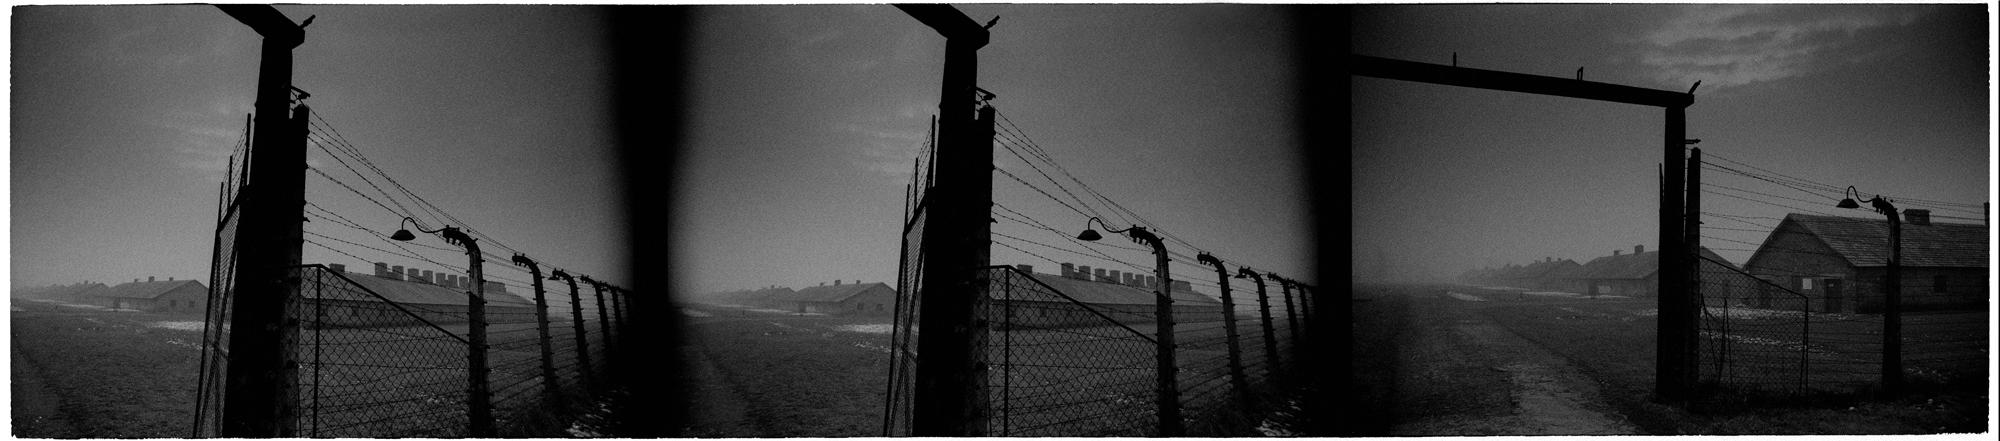 Auschwitz_revisited0009.jpg